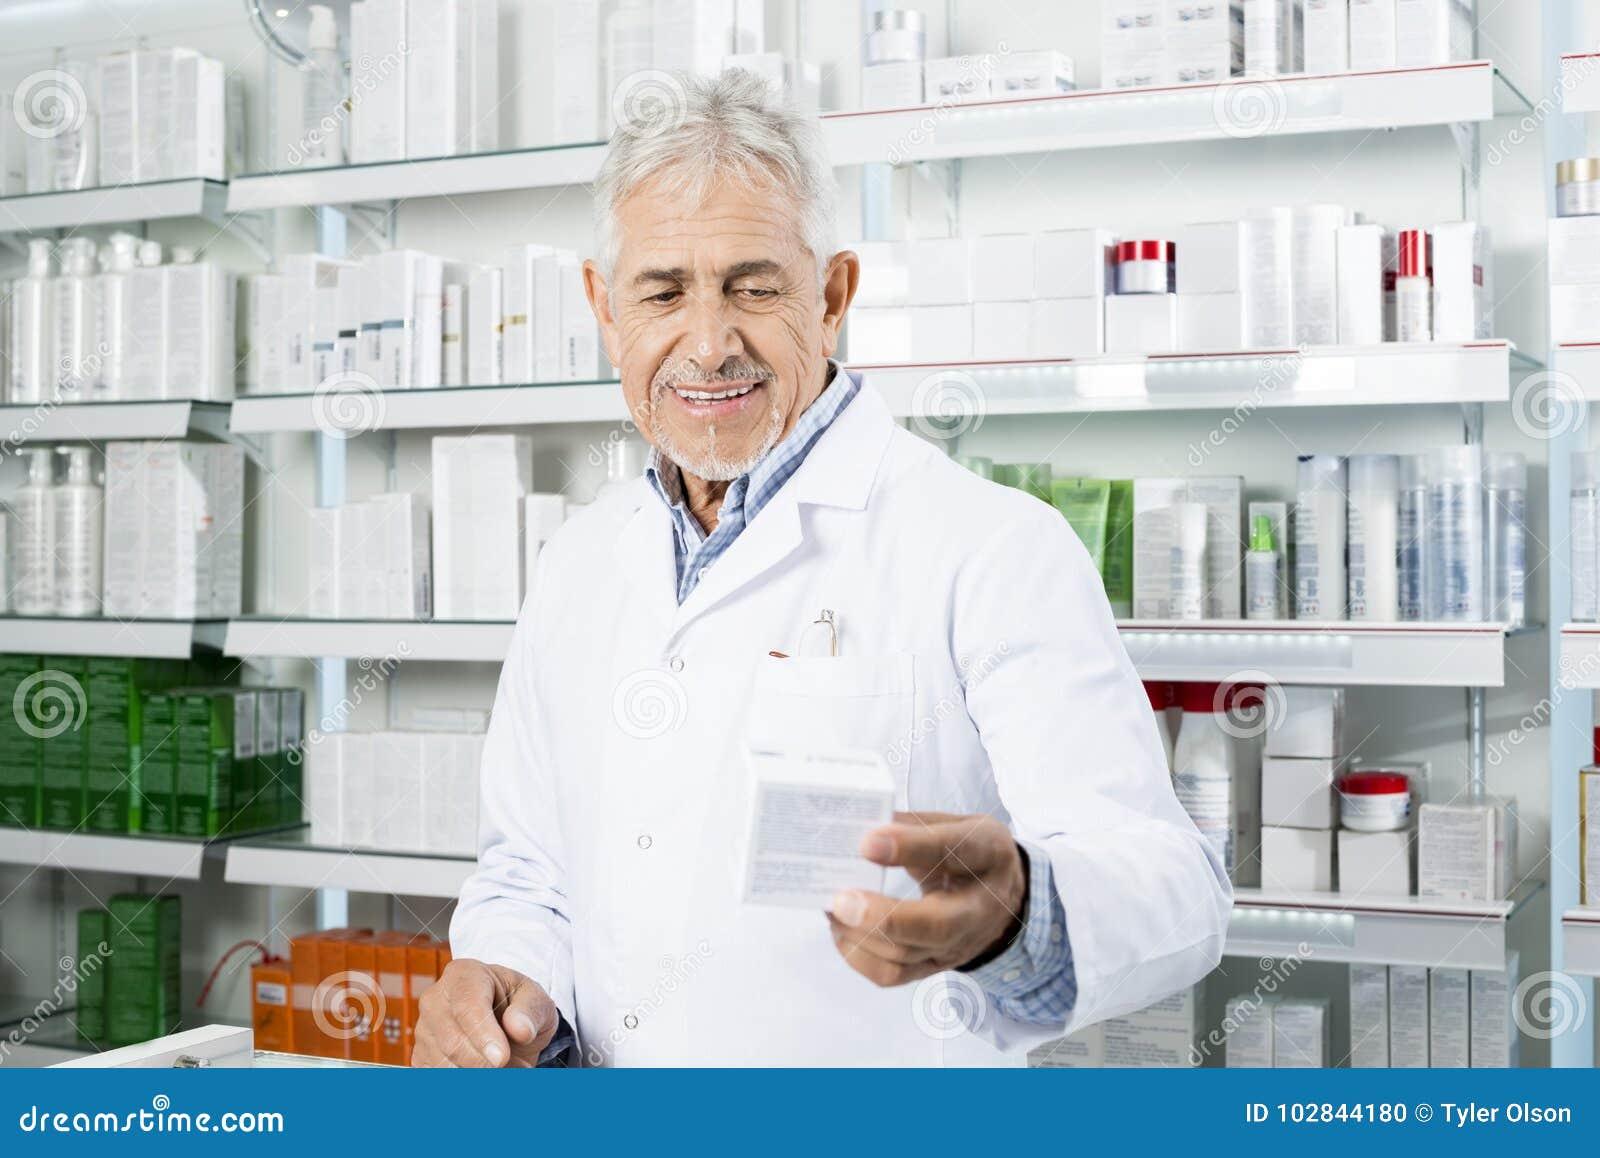 Χαμόγελο της ιατρικής εκμετάλλευσης φαρμακοποιών στο μετρητή στο φαρμακείο